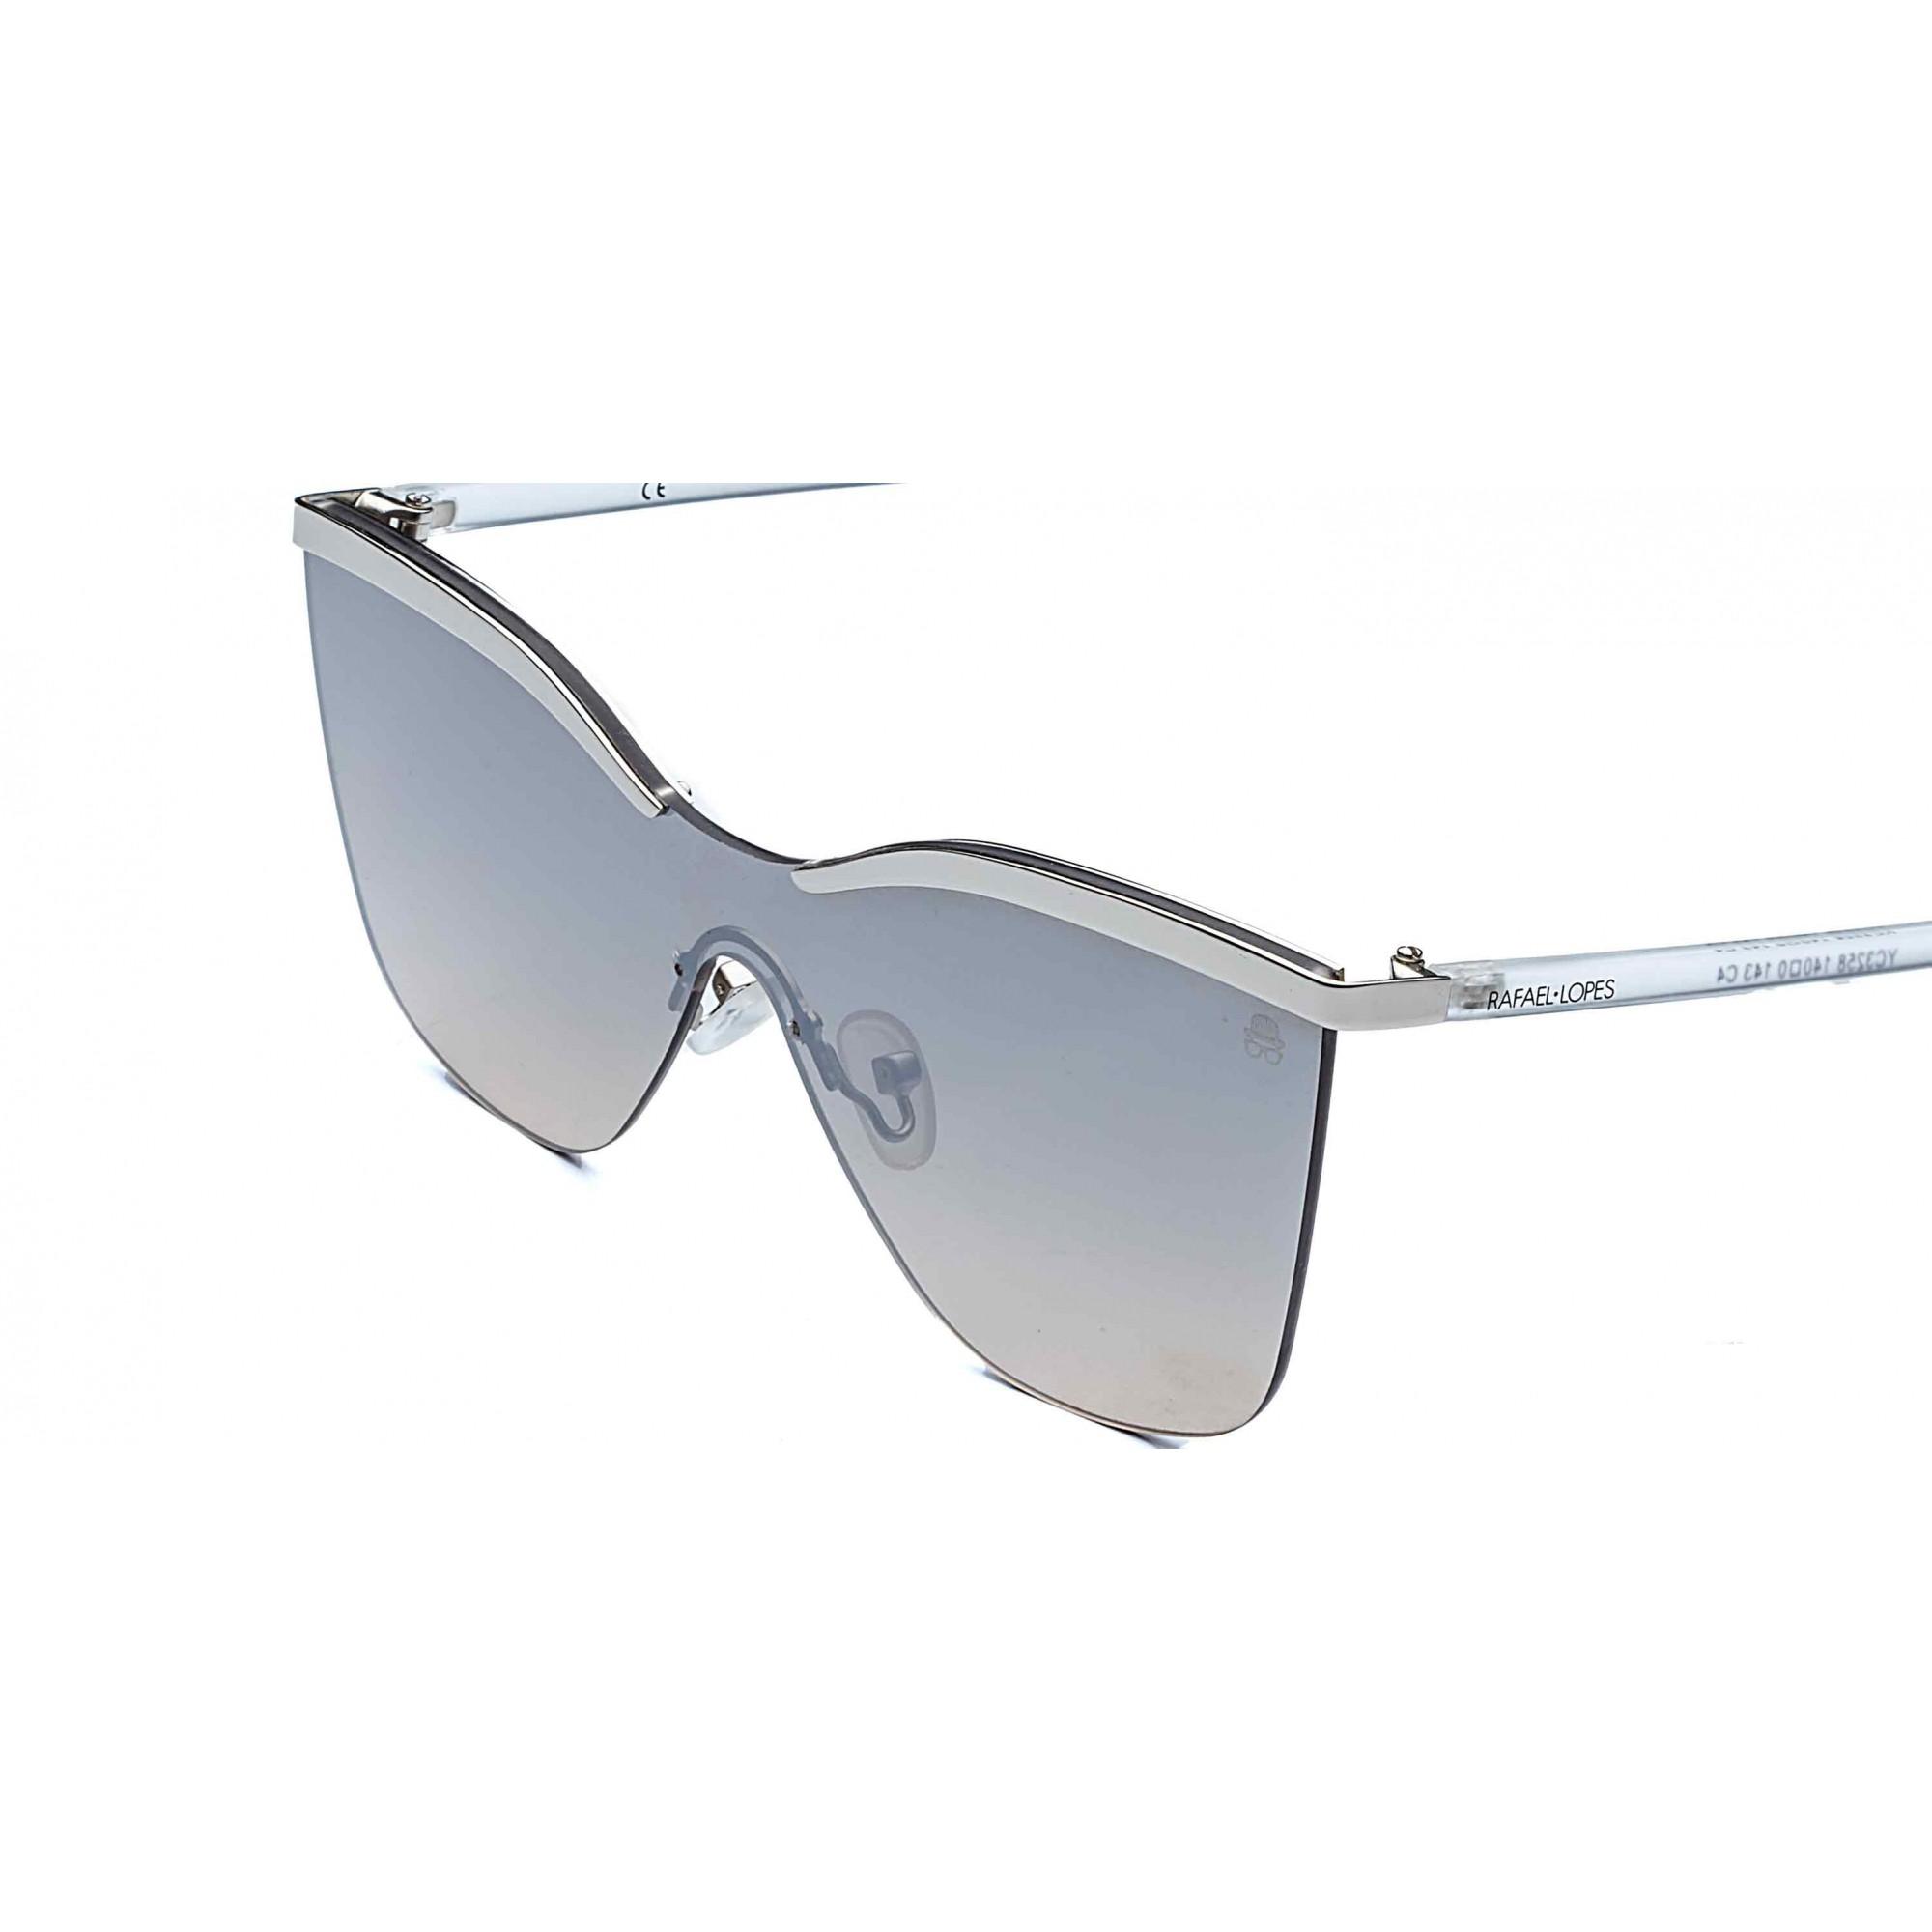 Senna Rafael Lopes Eyewear